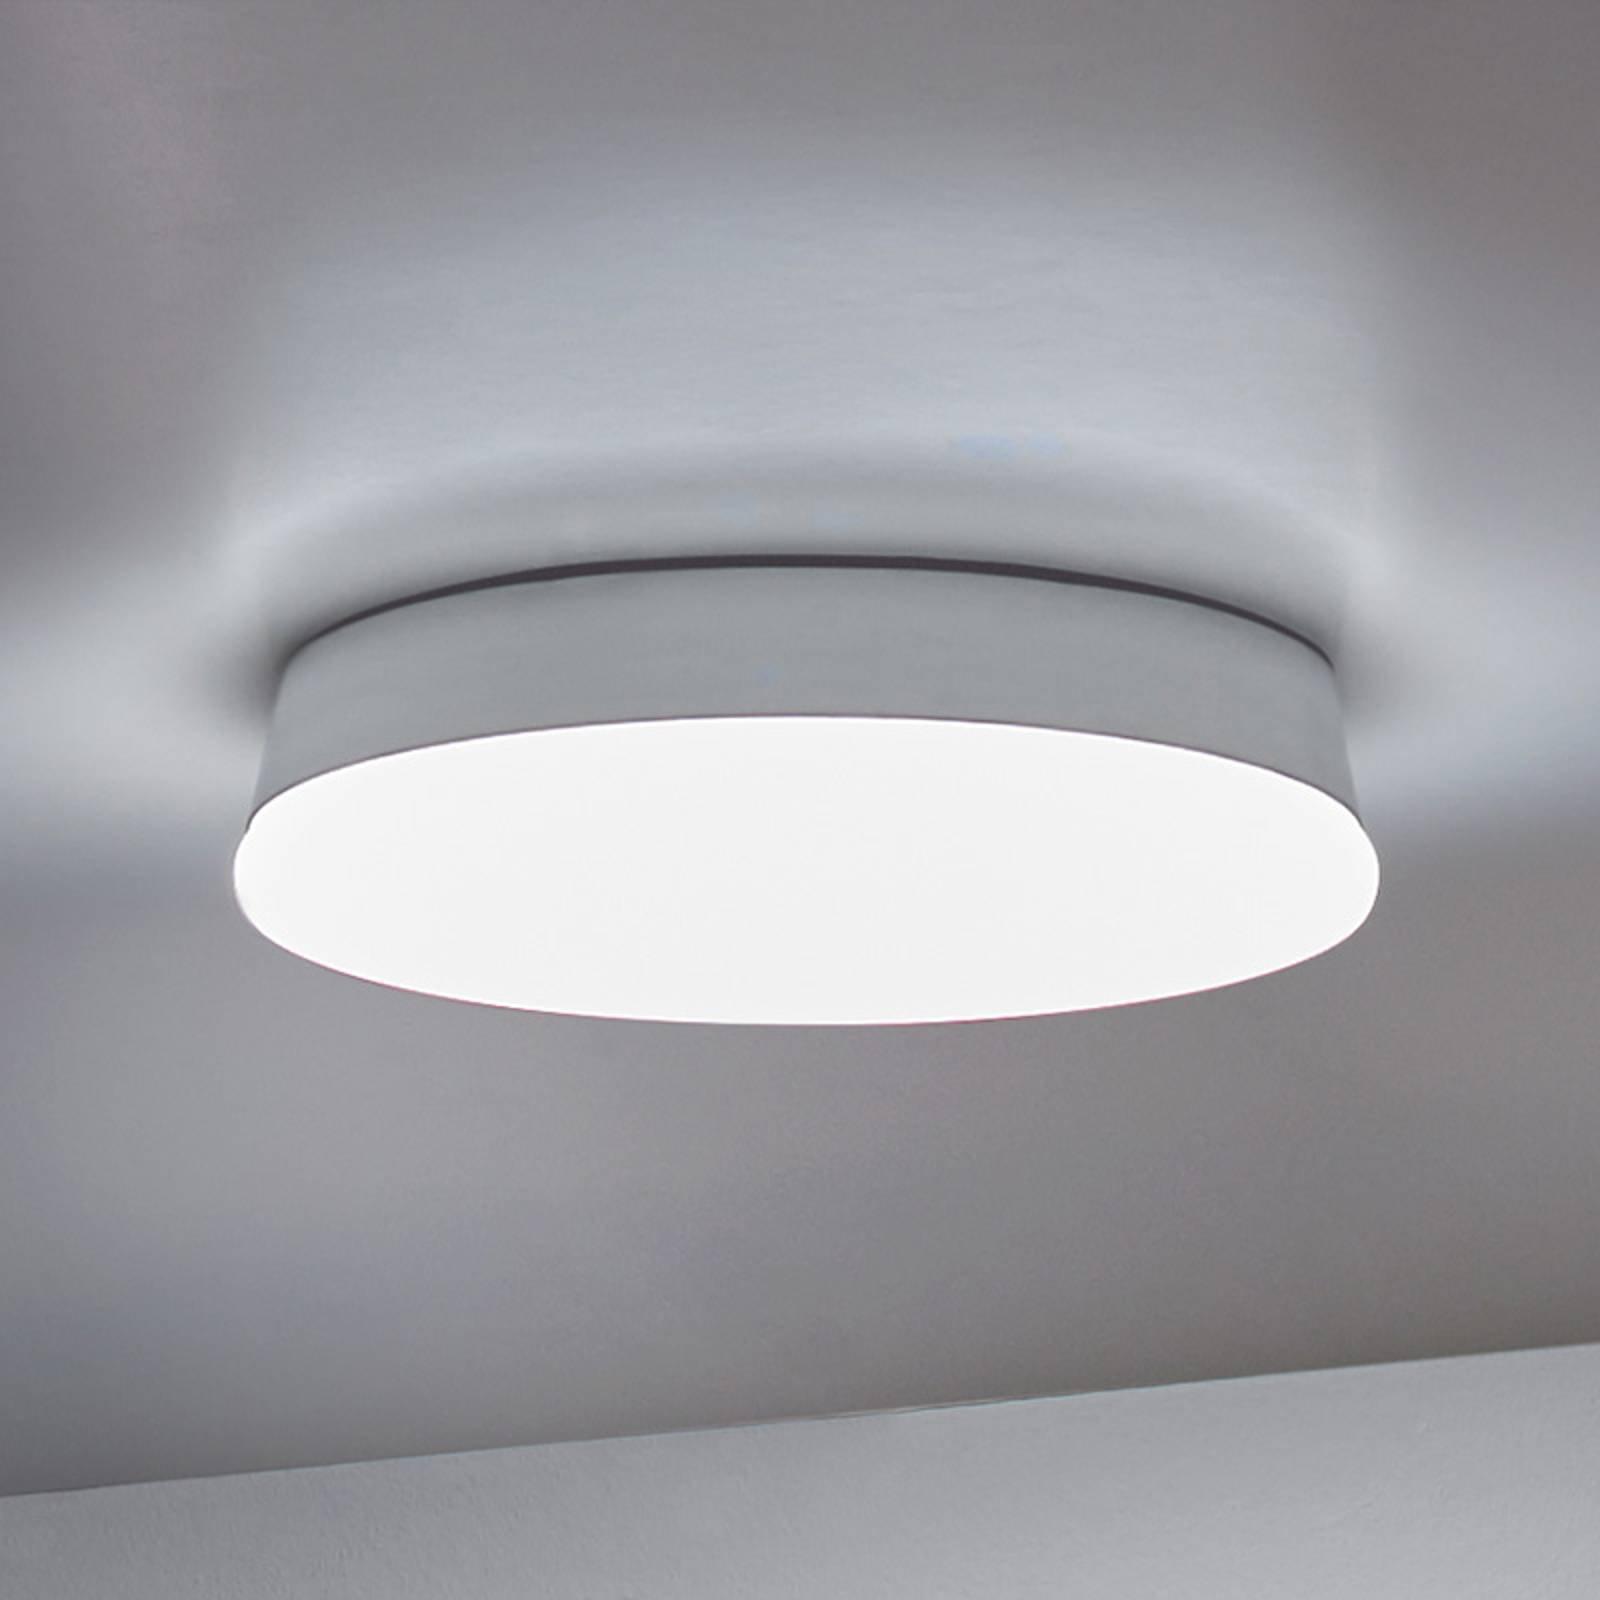 LEDS-C4 Circle LED-taklampe av glass